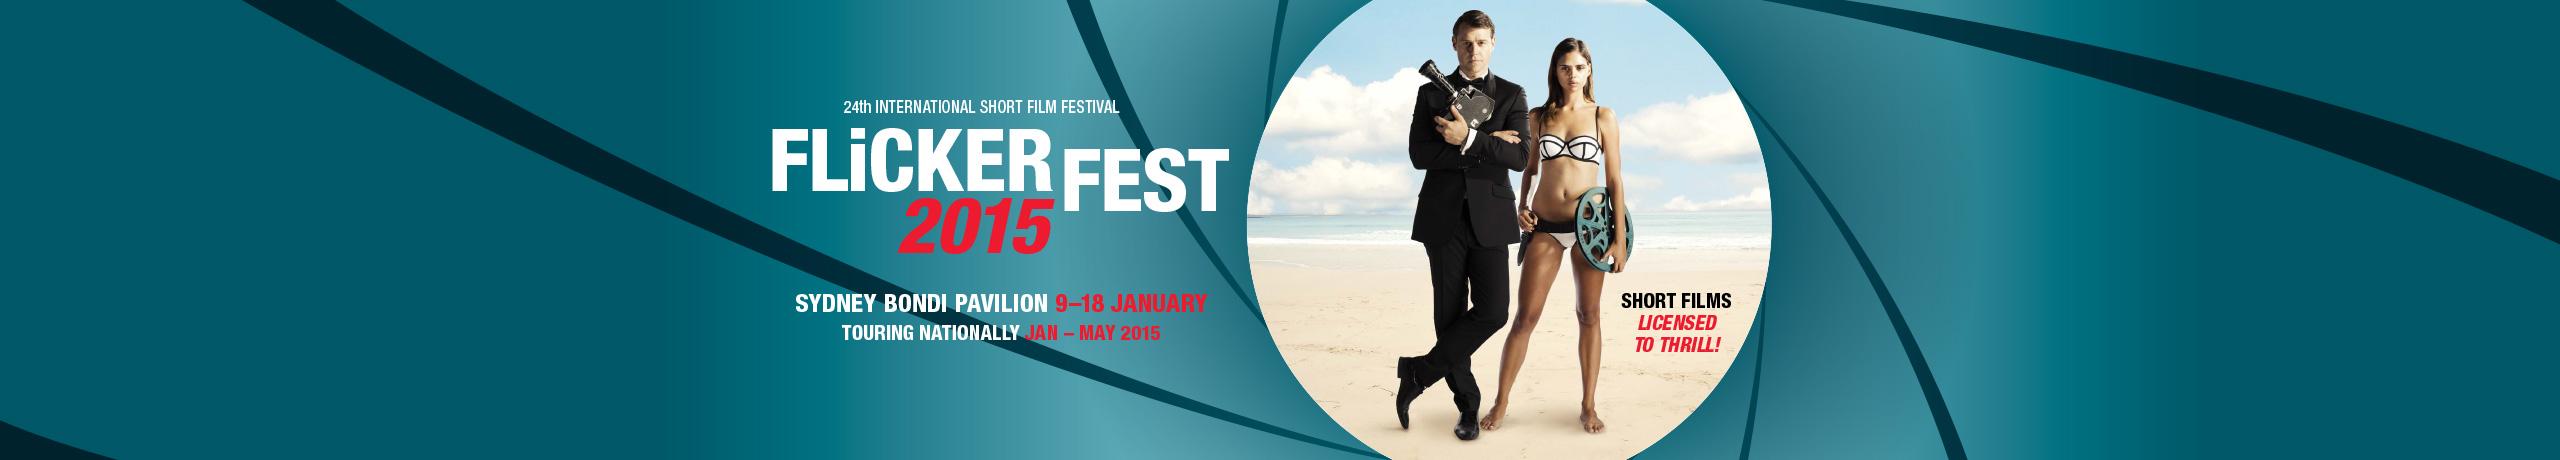 Flickerfest-2015-banner-artwork